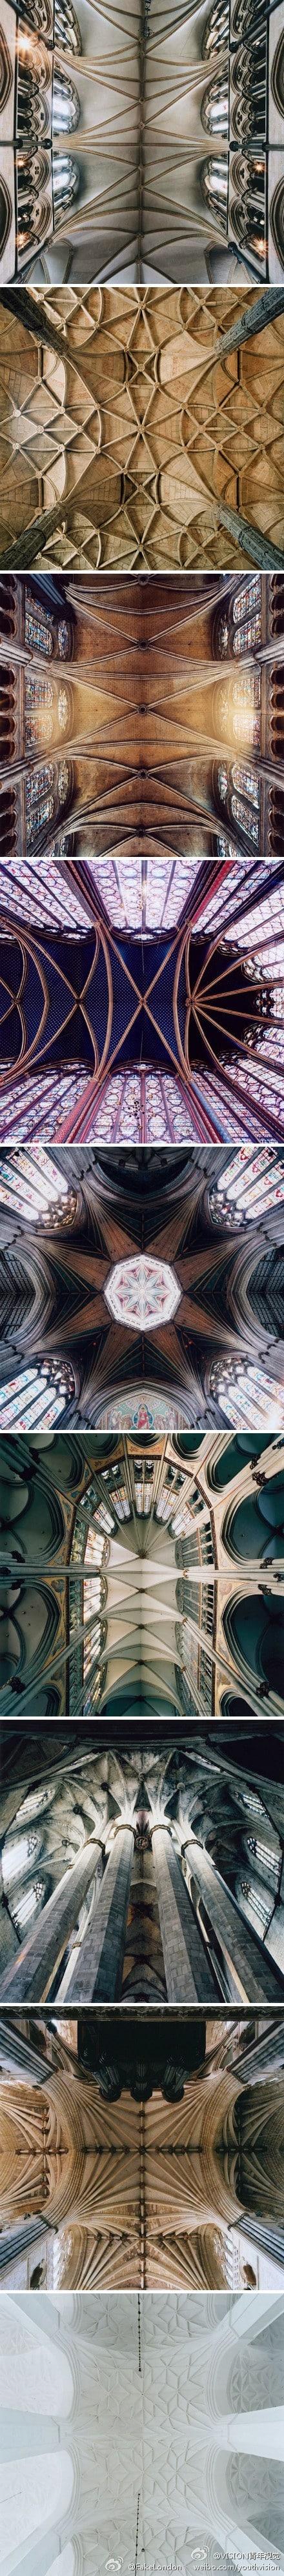 church-ceilings-023